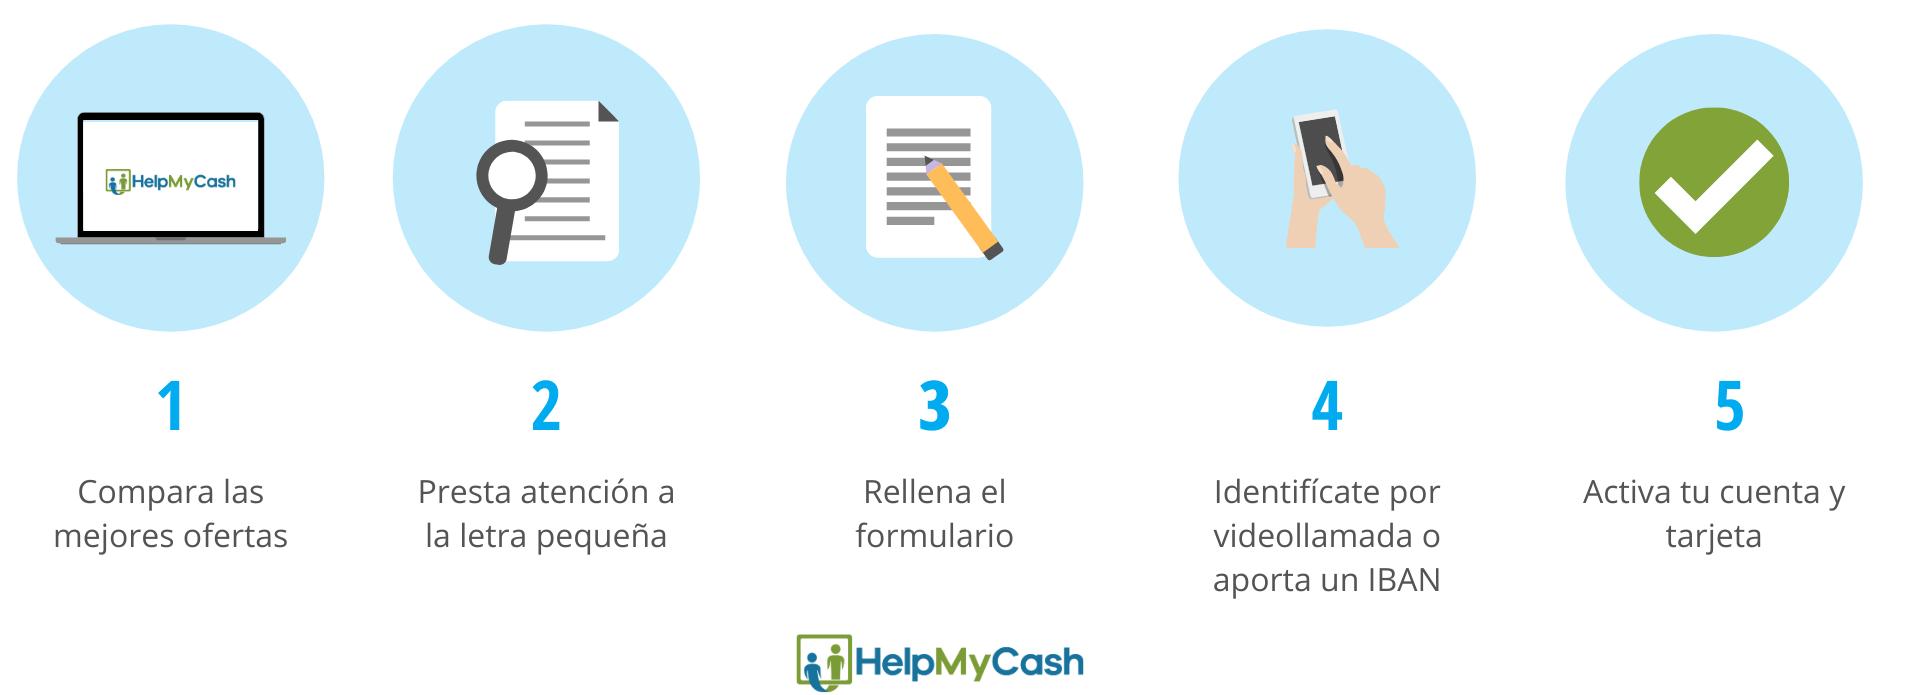 Abrir cuenta bancaria online: 1- Compara la oferta de cuentas online. 2- Presta atención a la letra pequeña. 3- Rellena el formulario de contratación. 4- Identifícate mediante videollada. 5-  Activa tu cuenta.